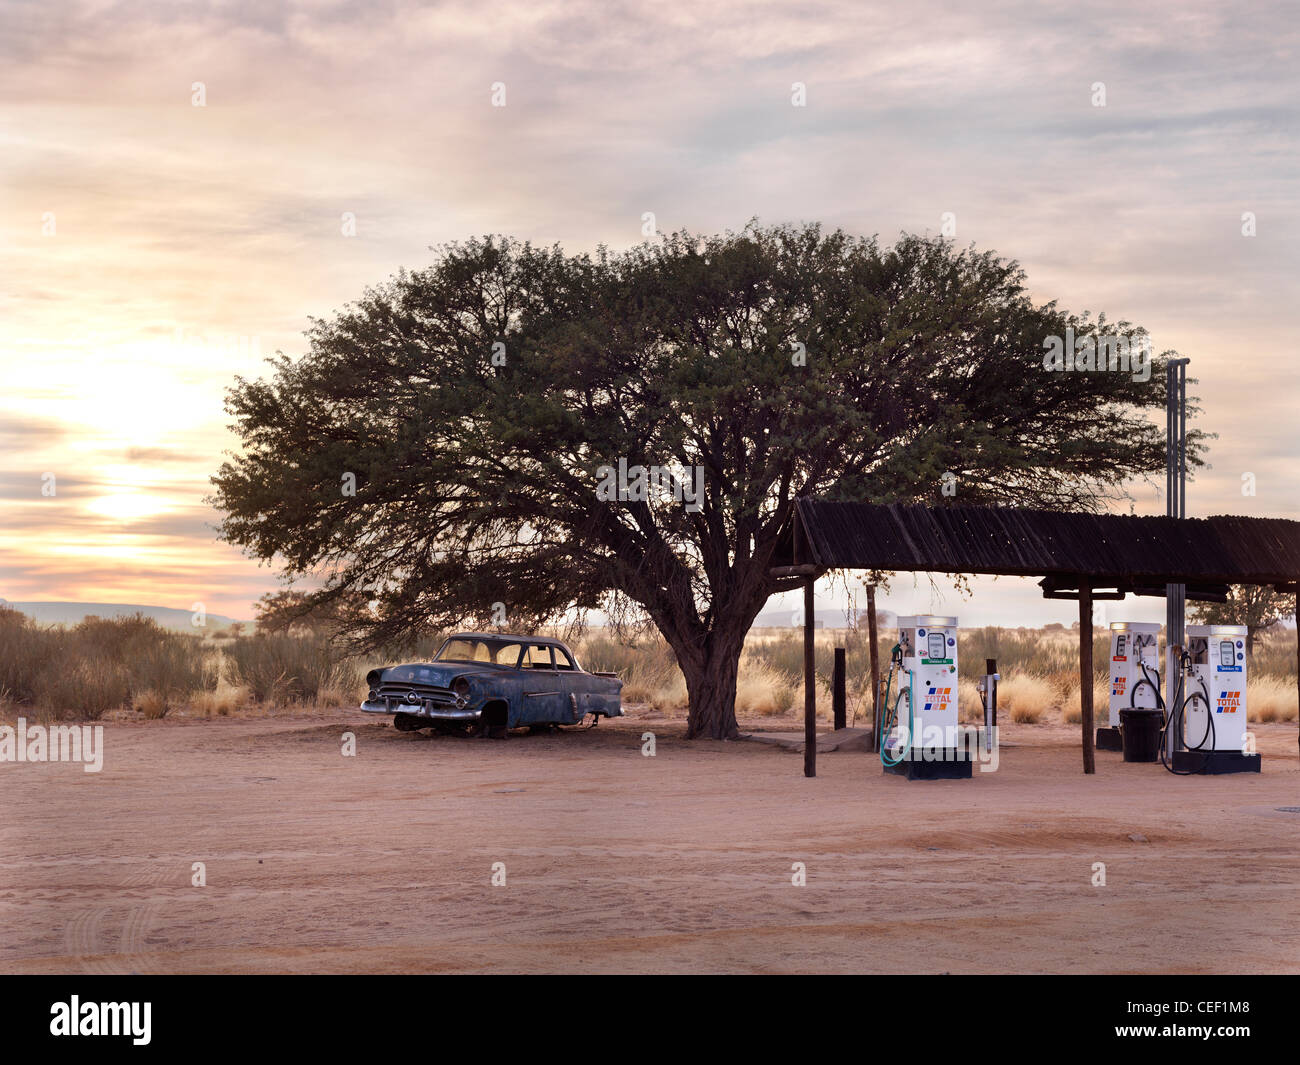 Petrol station in Kalahari Desert, Namibia, Africa - Stock Image